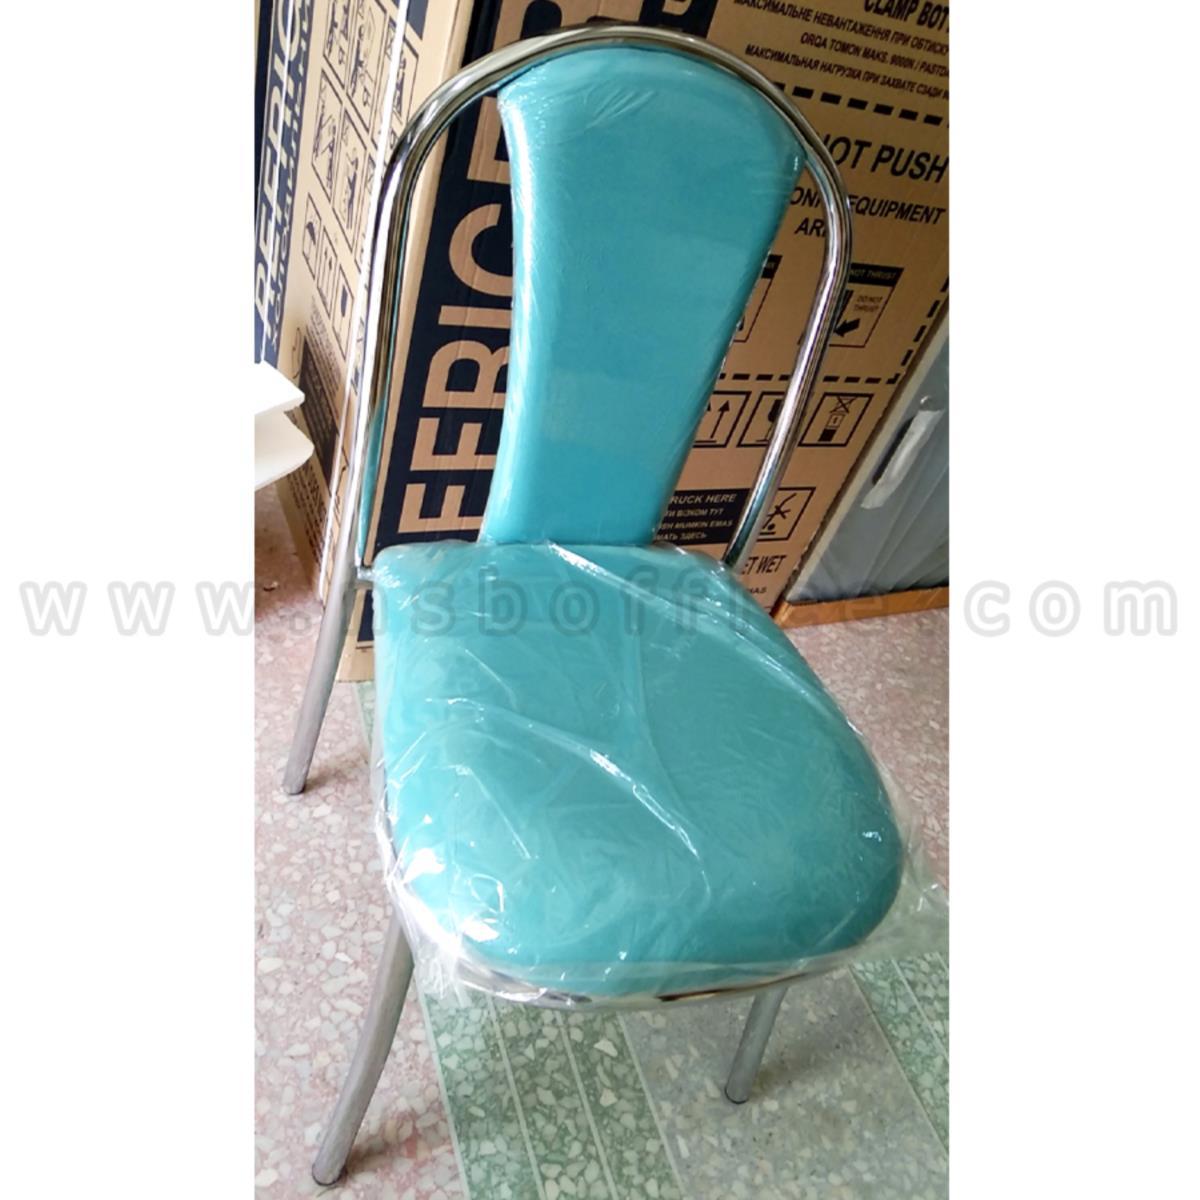 เก้าอี้อเนกประสงค์ รุ่น KSS-83  ขาเหล็กชุบโครเมี่ยม